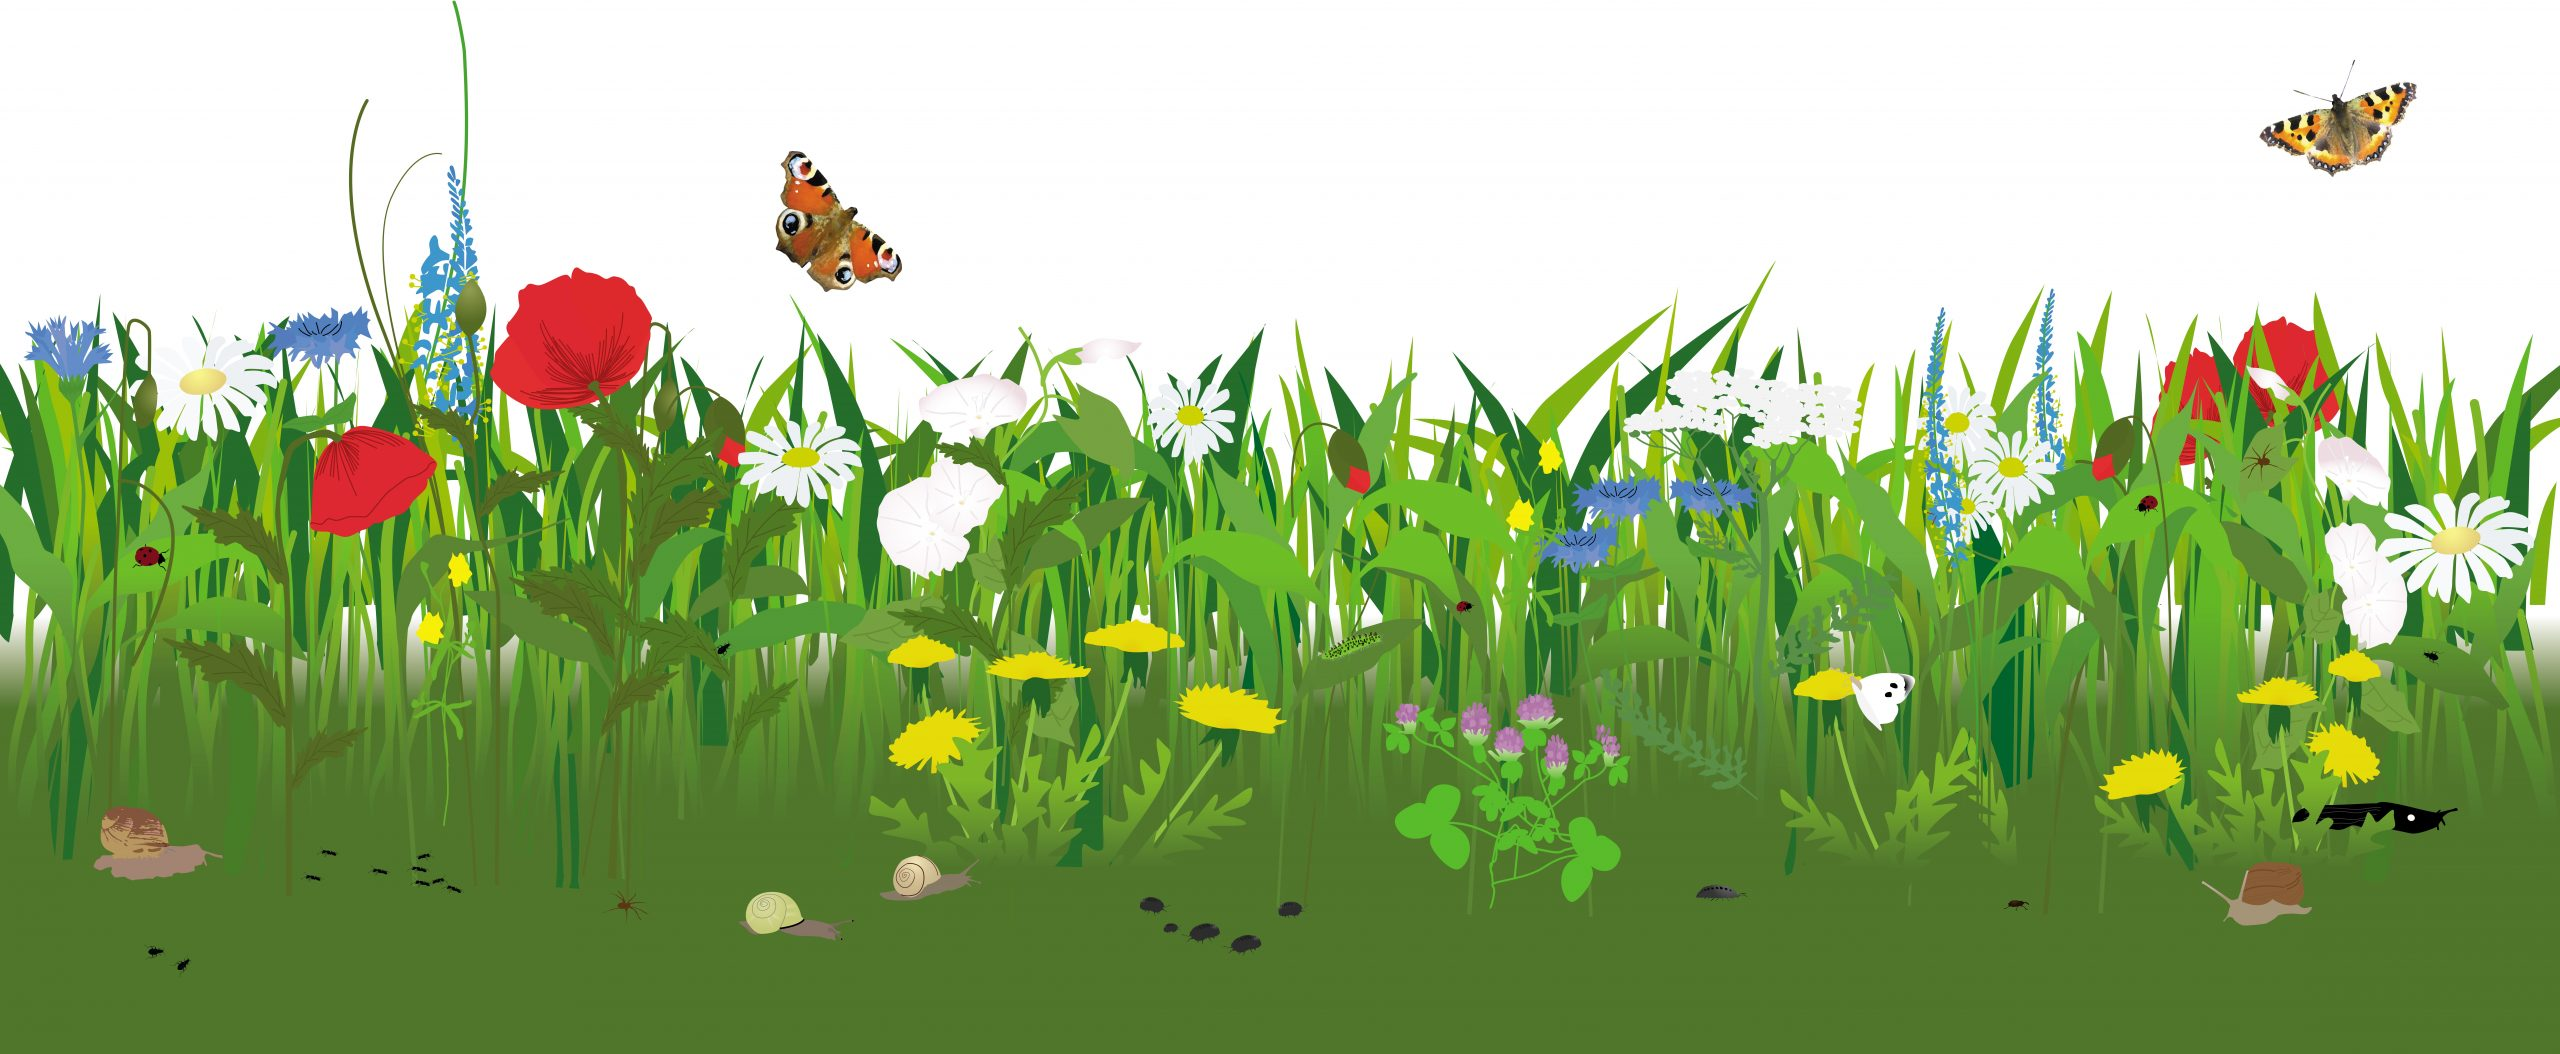 Blomster sommerfugle natur billede